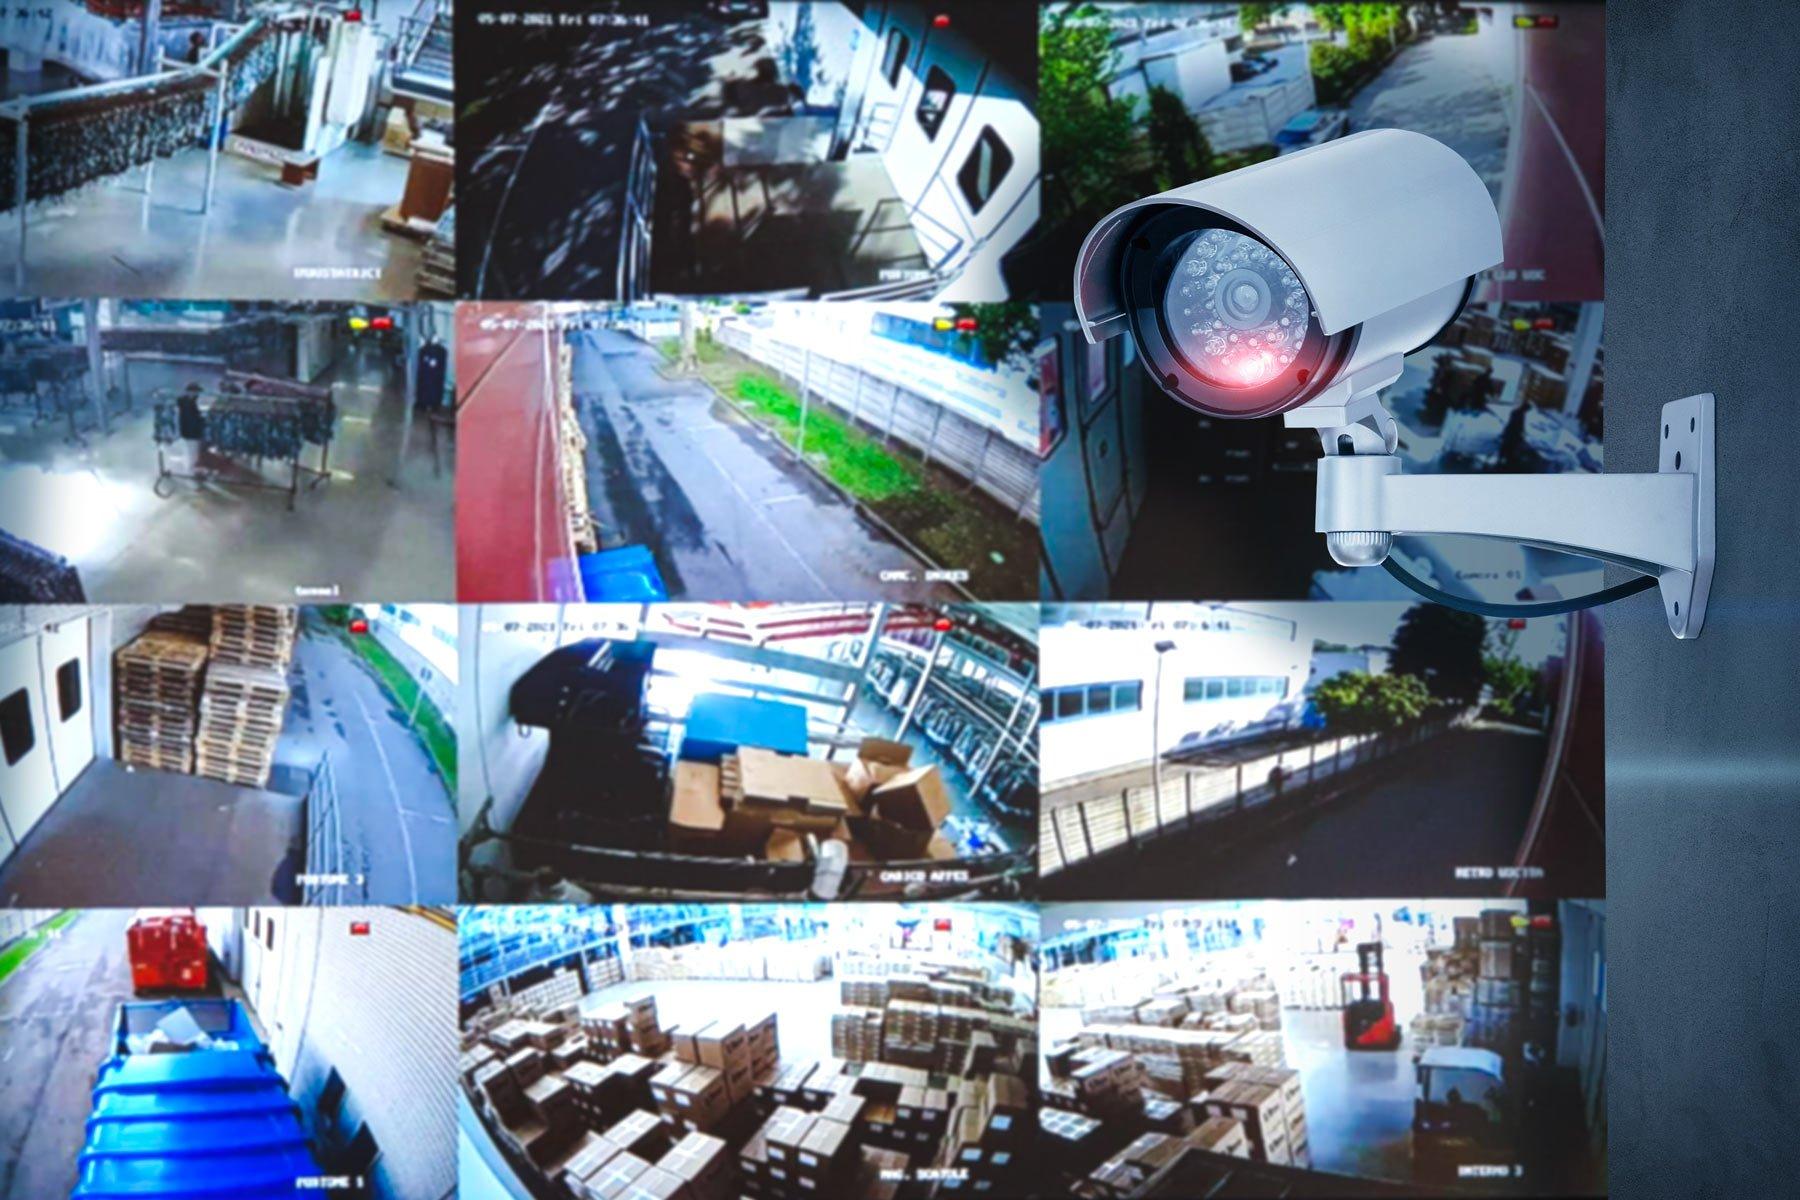 Sistema di automatizzazione - Stireria industriale M.A.G.I.C. COMPANY S.R.L.